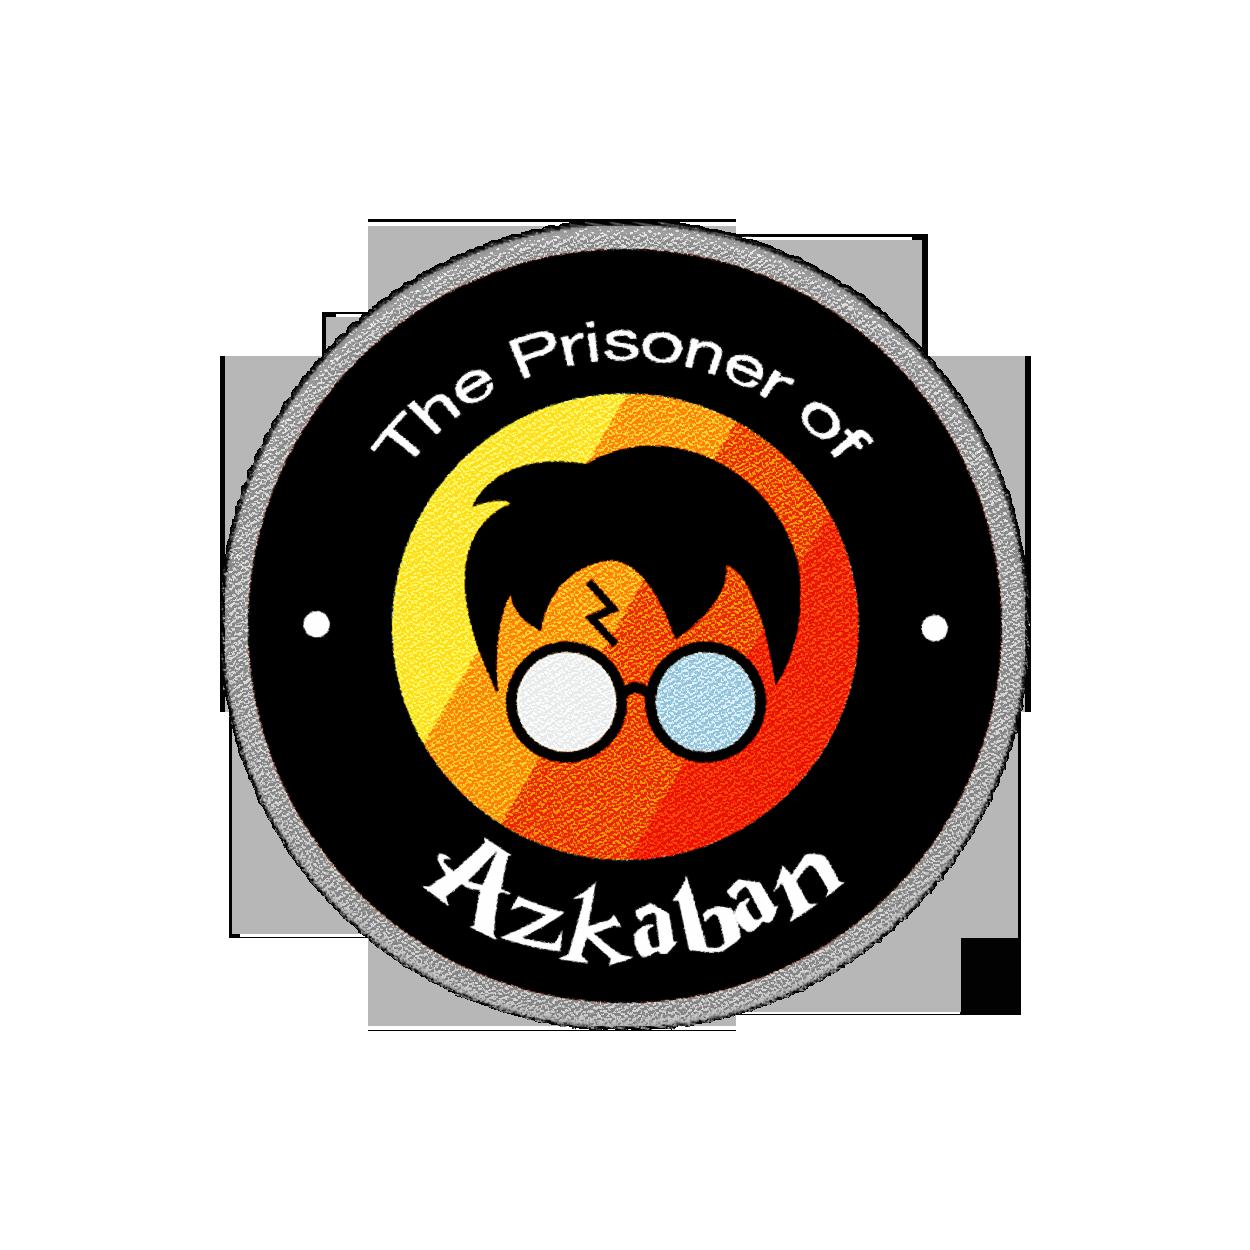 06 - The Prisoner of Azkaban.png